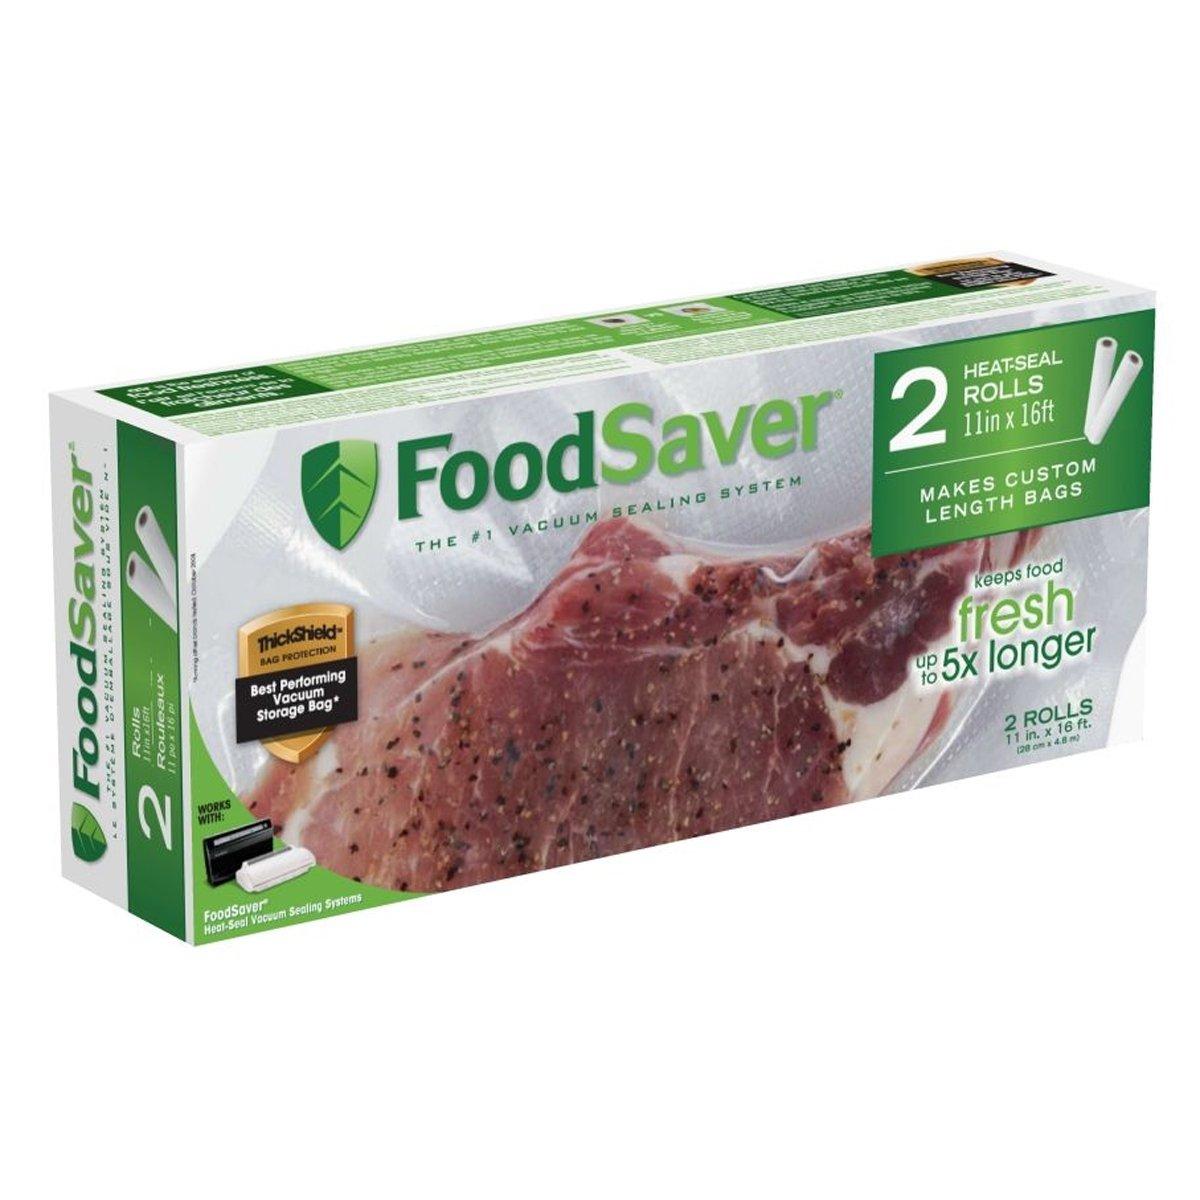 FoodSaver 2 rolls of 11x16' FSFSBF0626-033